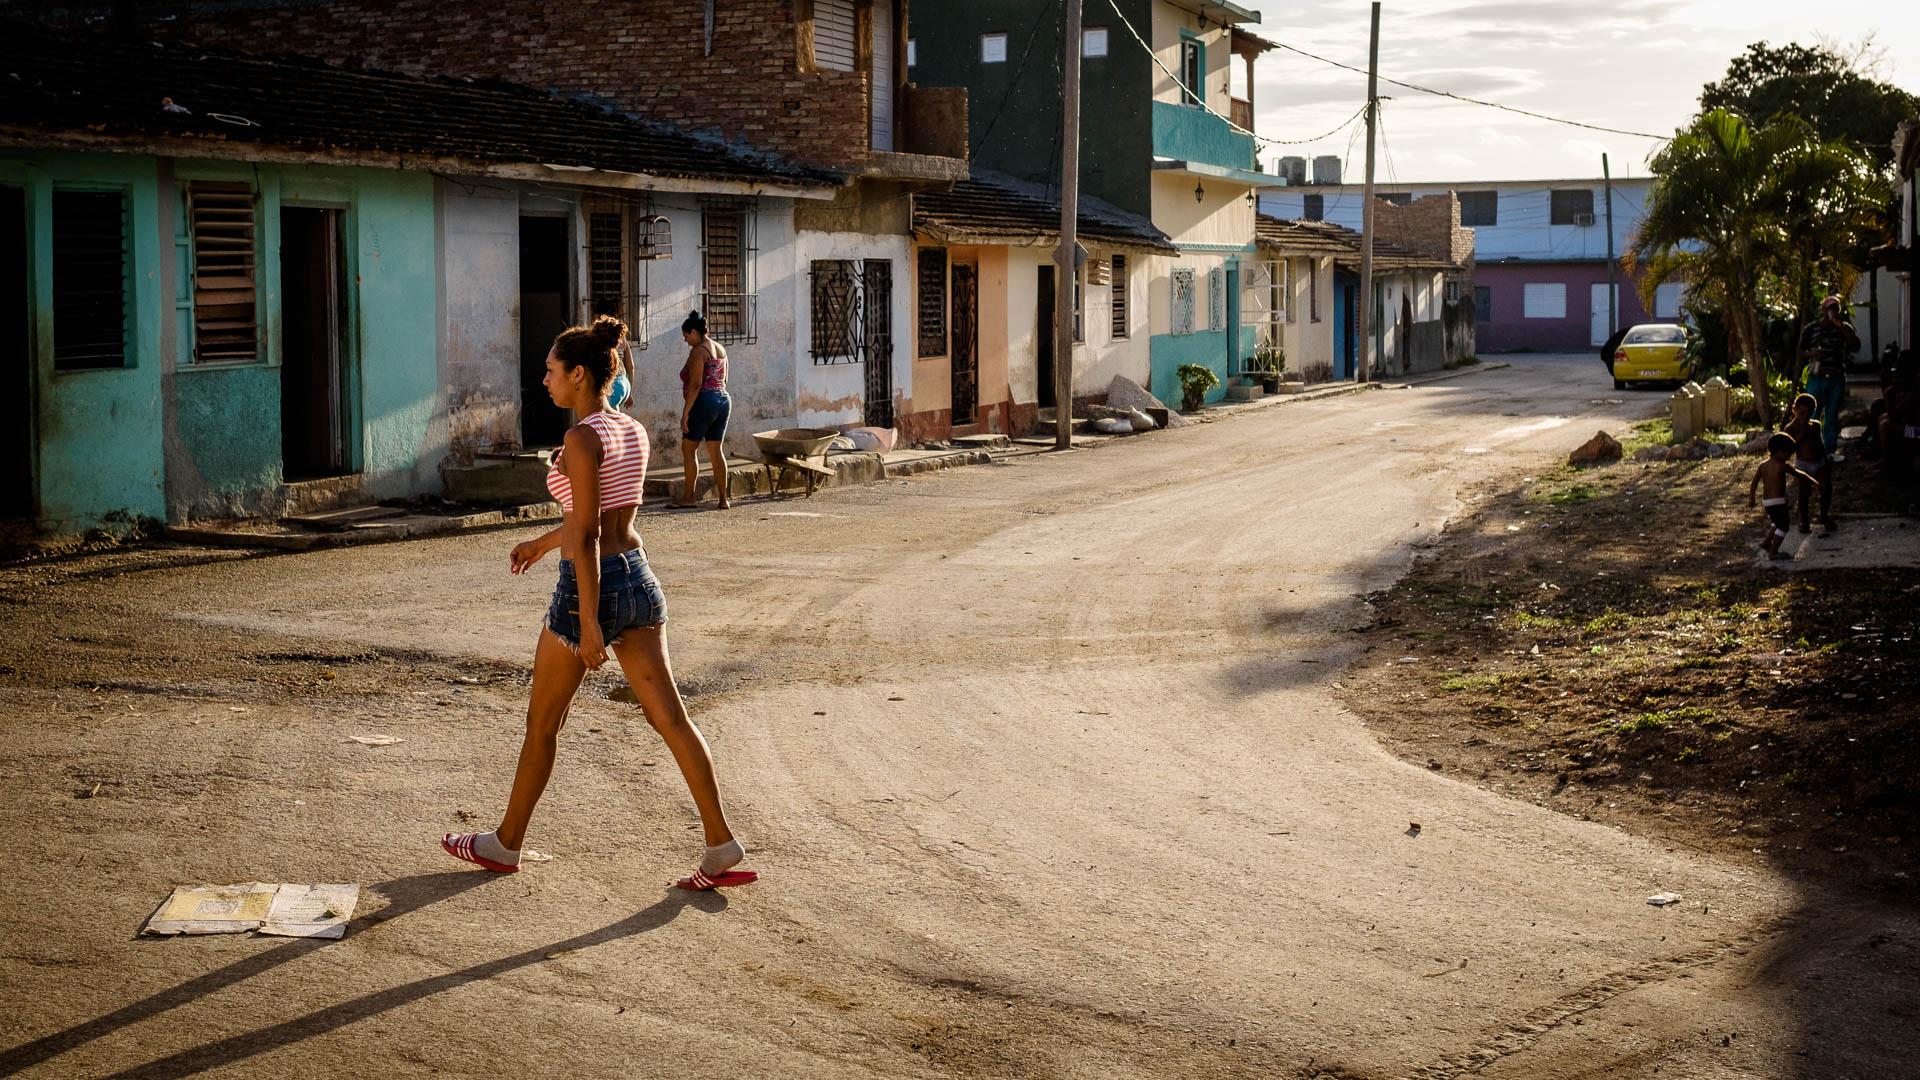 180429-Trinidad-280-1080.jpg